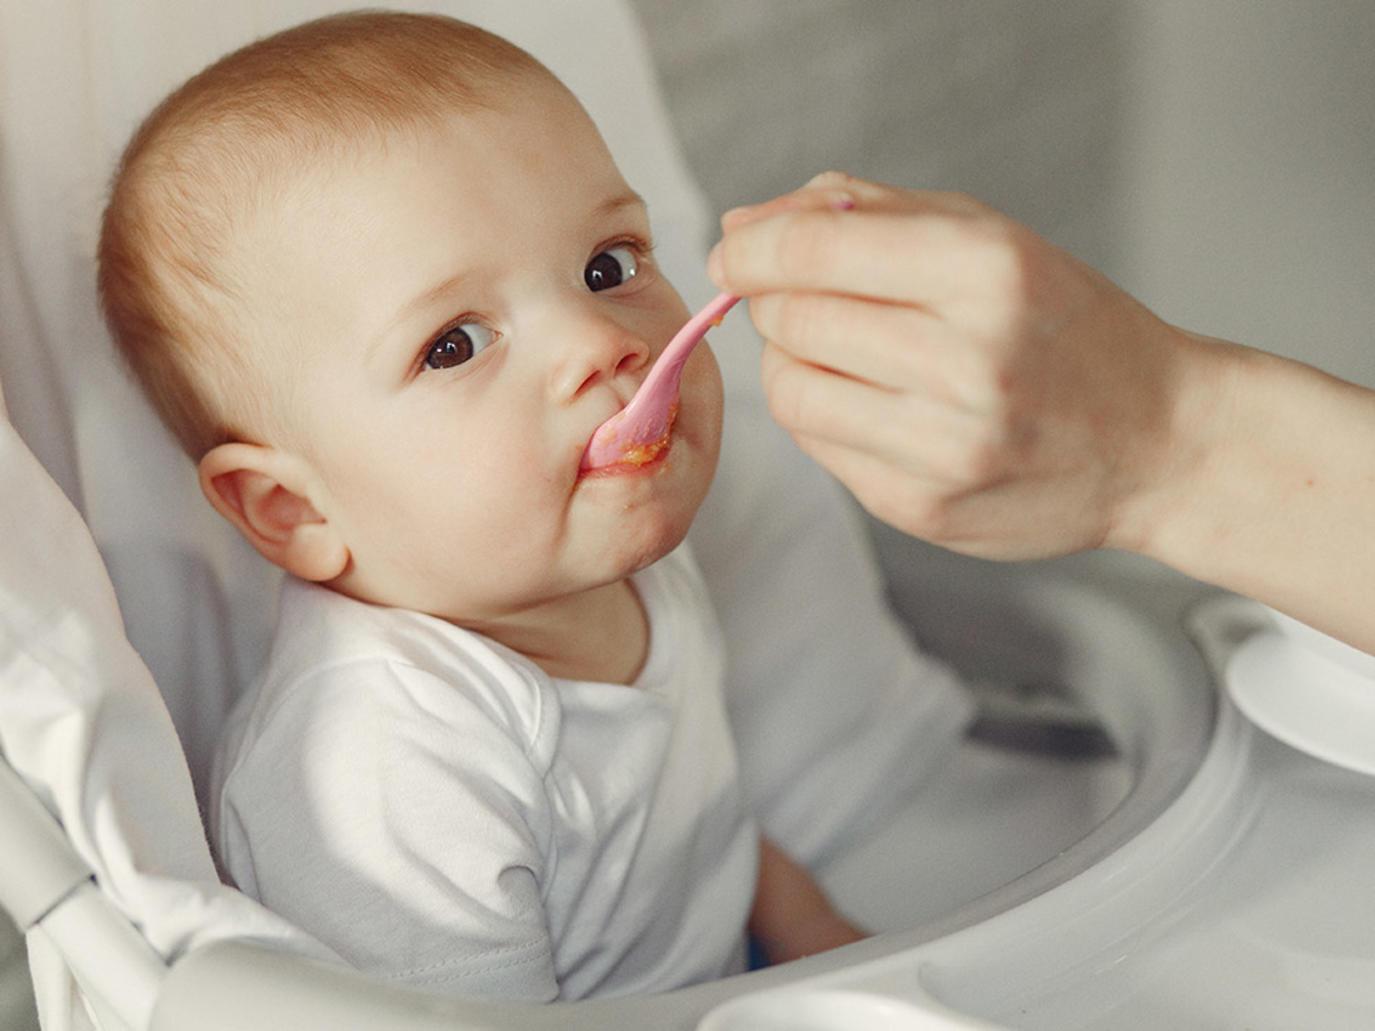 إذا رفض طفلك تناول الخضار.. اتبعي هذه النصائح